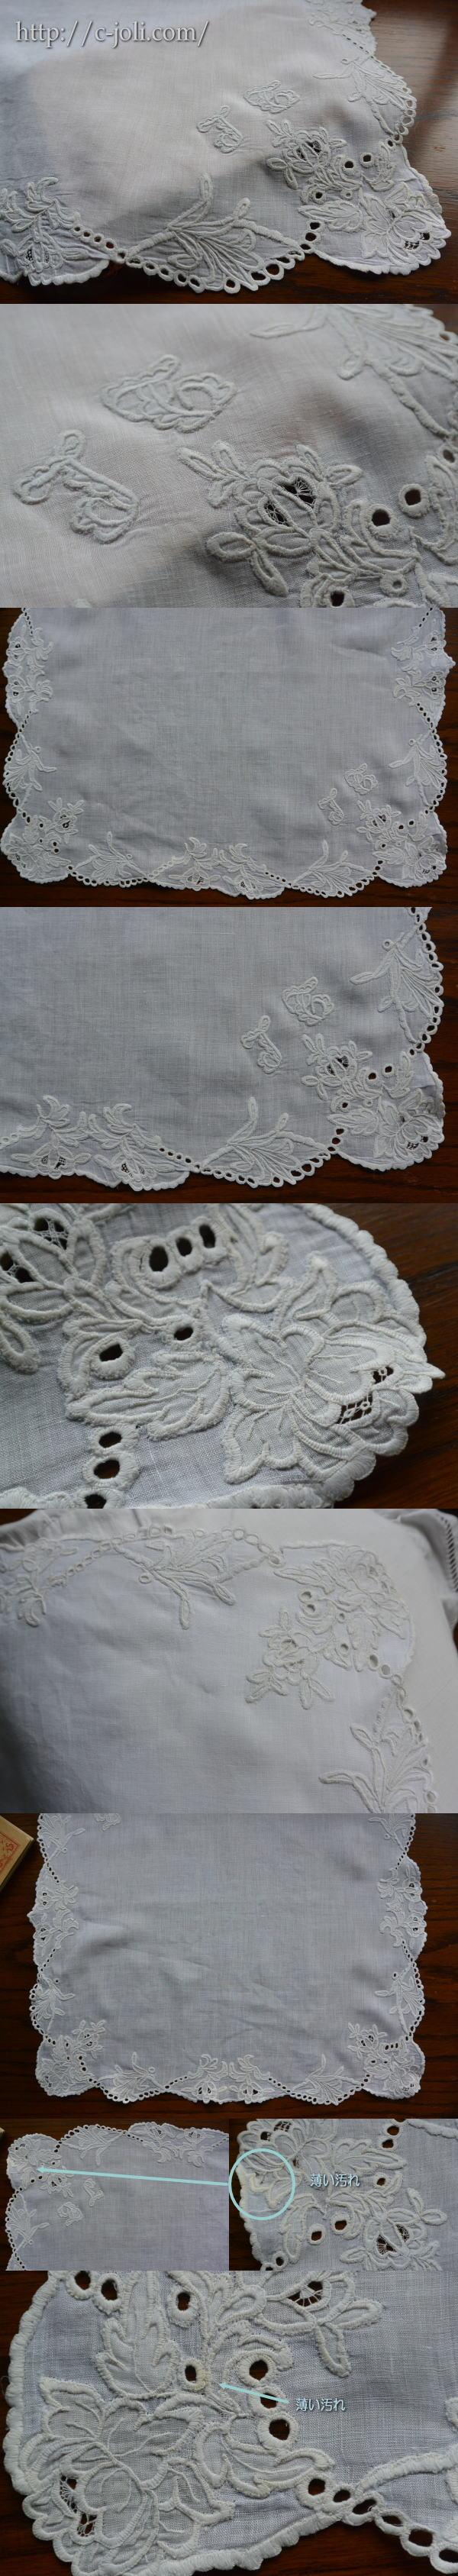 E-577 フランスアンティークリネンローンハンカチ 1900年ホワイトワーク手刺繍麻ローン 45x46cm